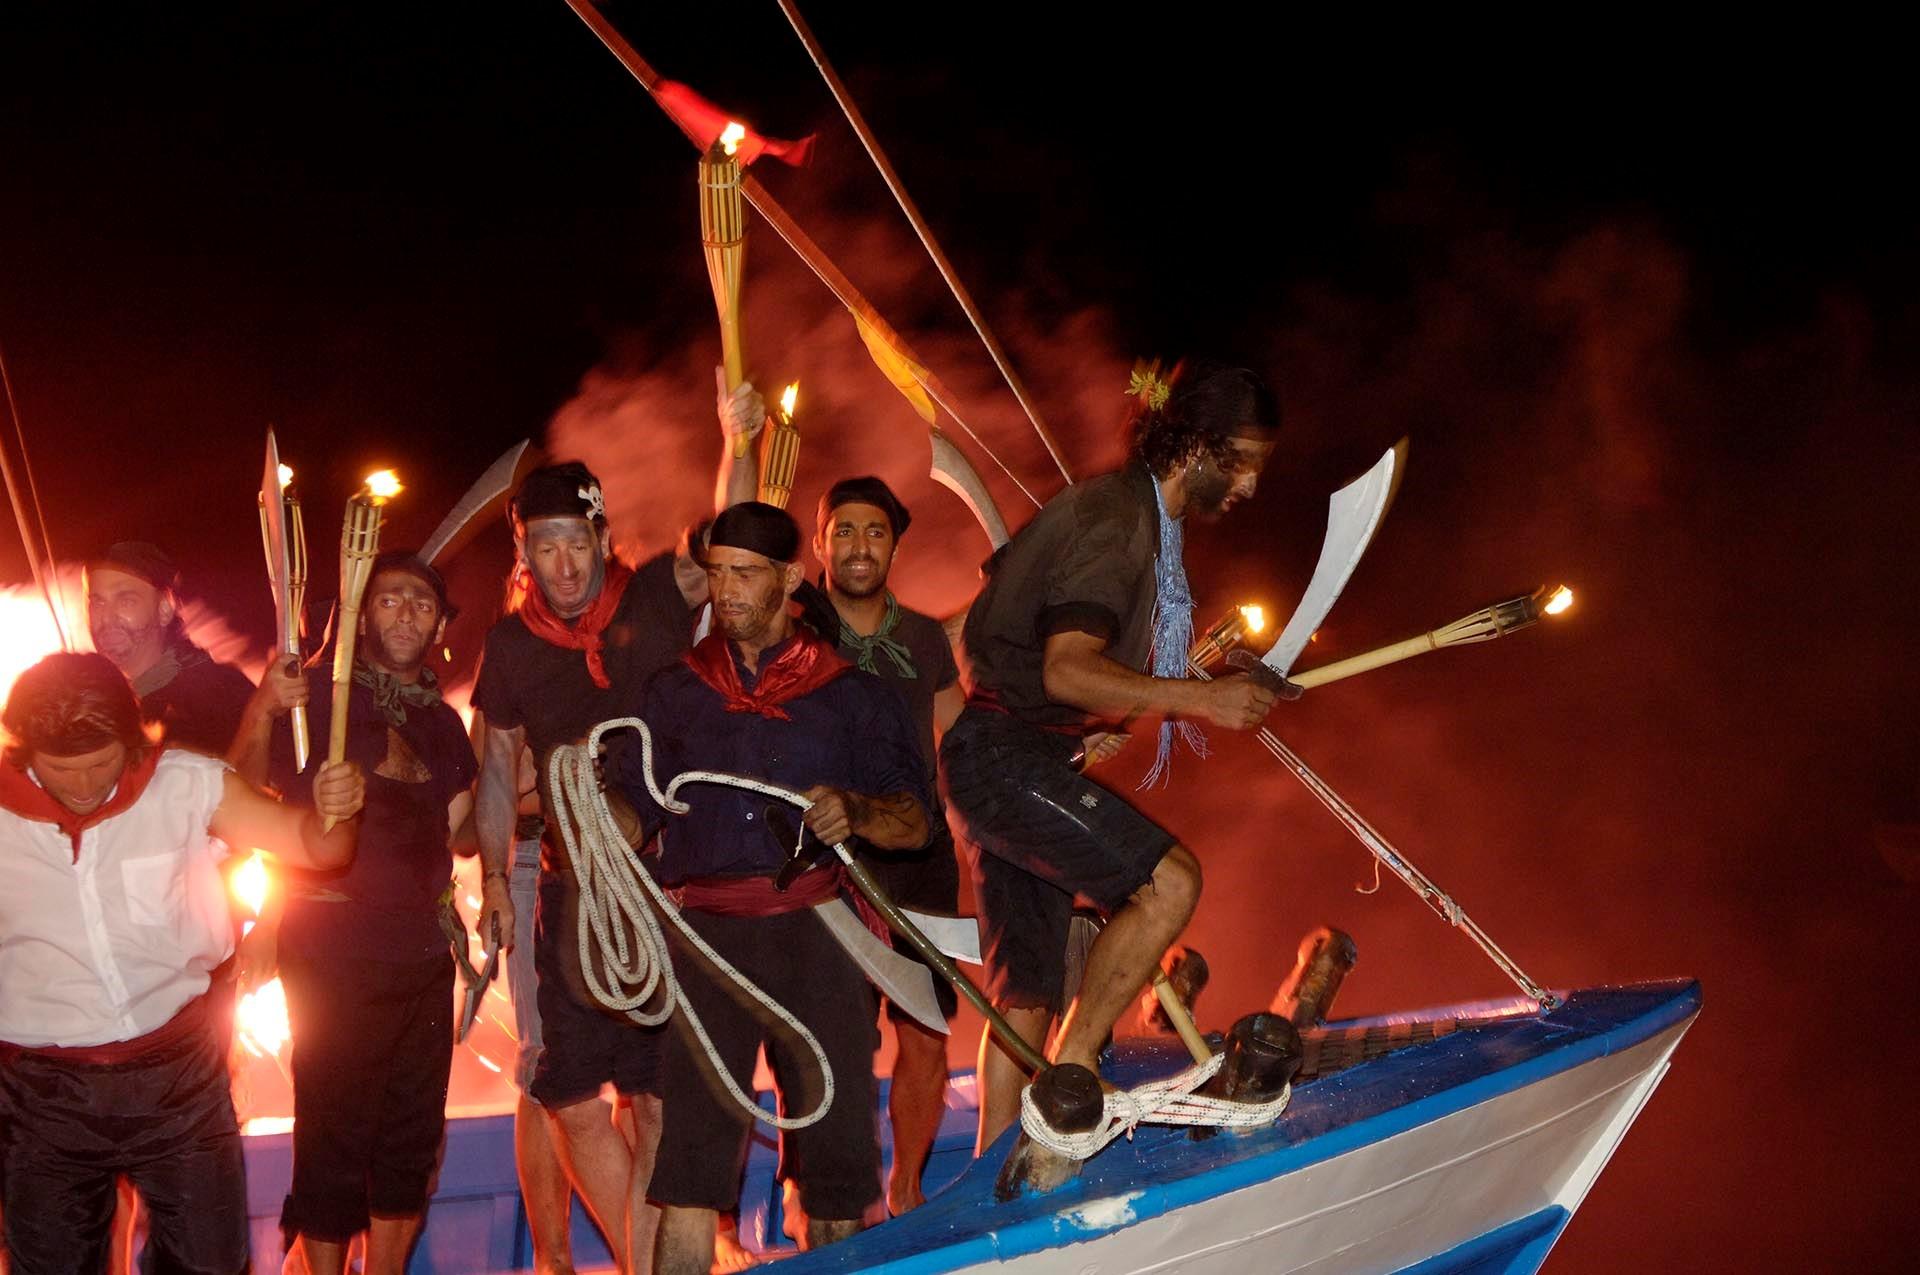 Τα Εννιάμερα & η γιορτή των Κουρσάρων στην Νάουσα